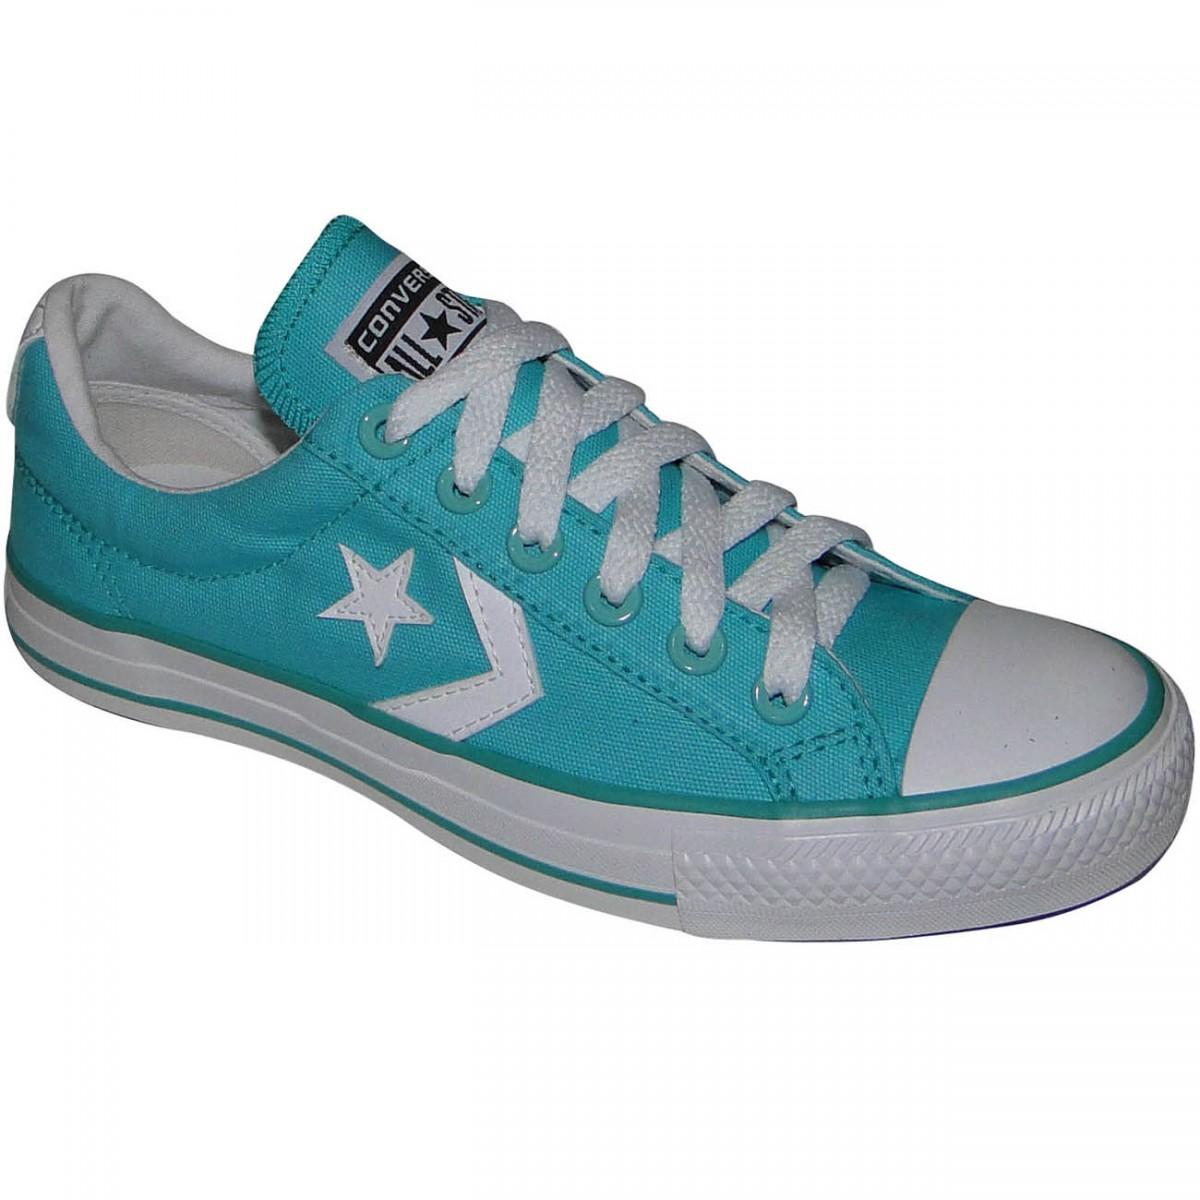 28e1da31110 TENIS ALL STAR CONVERSE STAR PLAYER CO055693 - PISCINA BRANCO - Chuteira  Nike